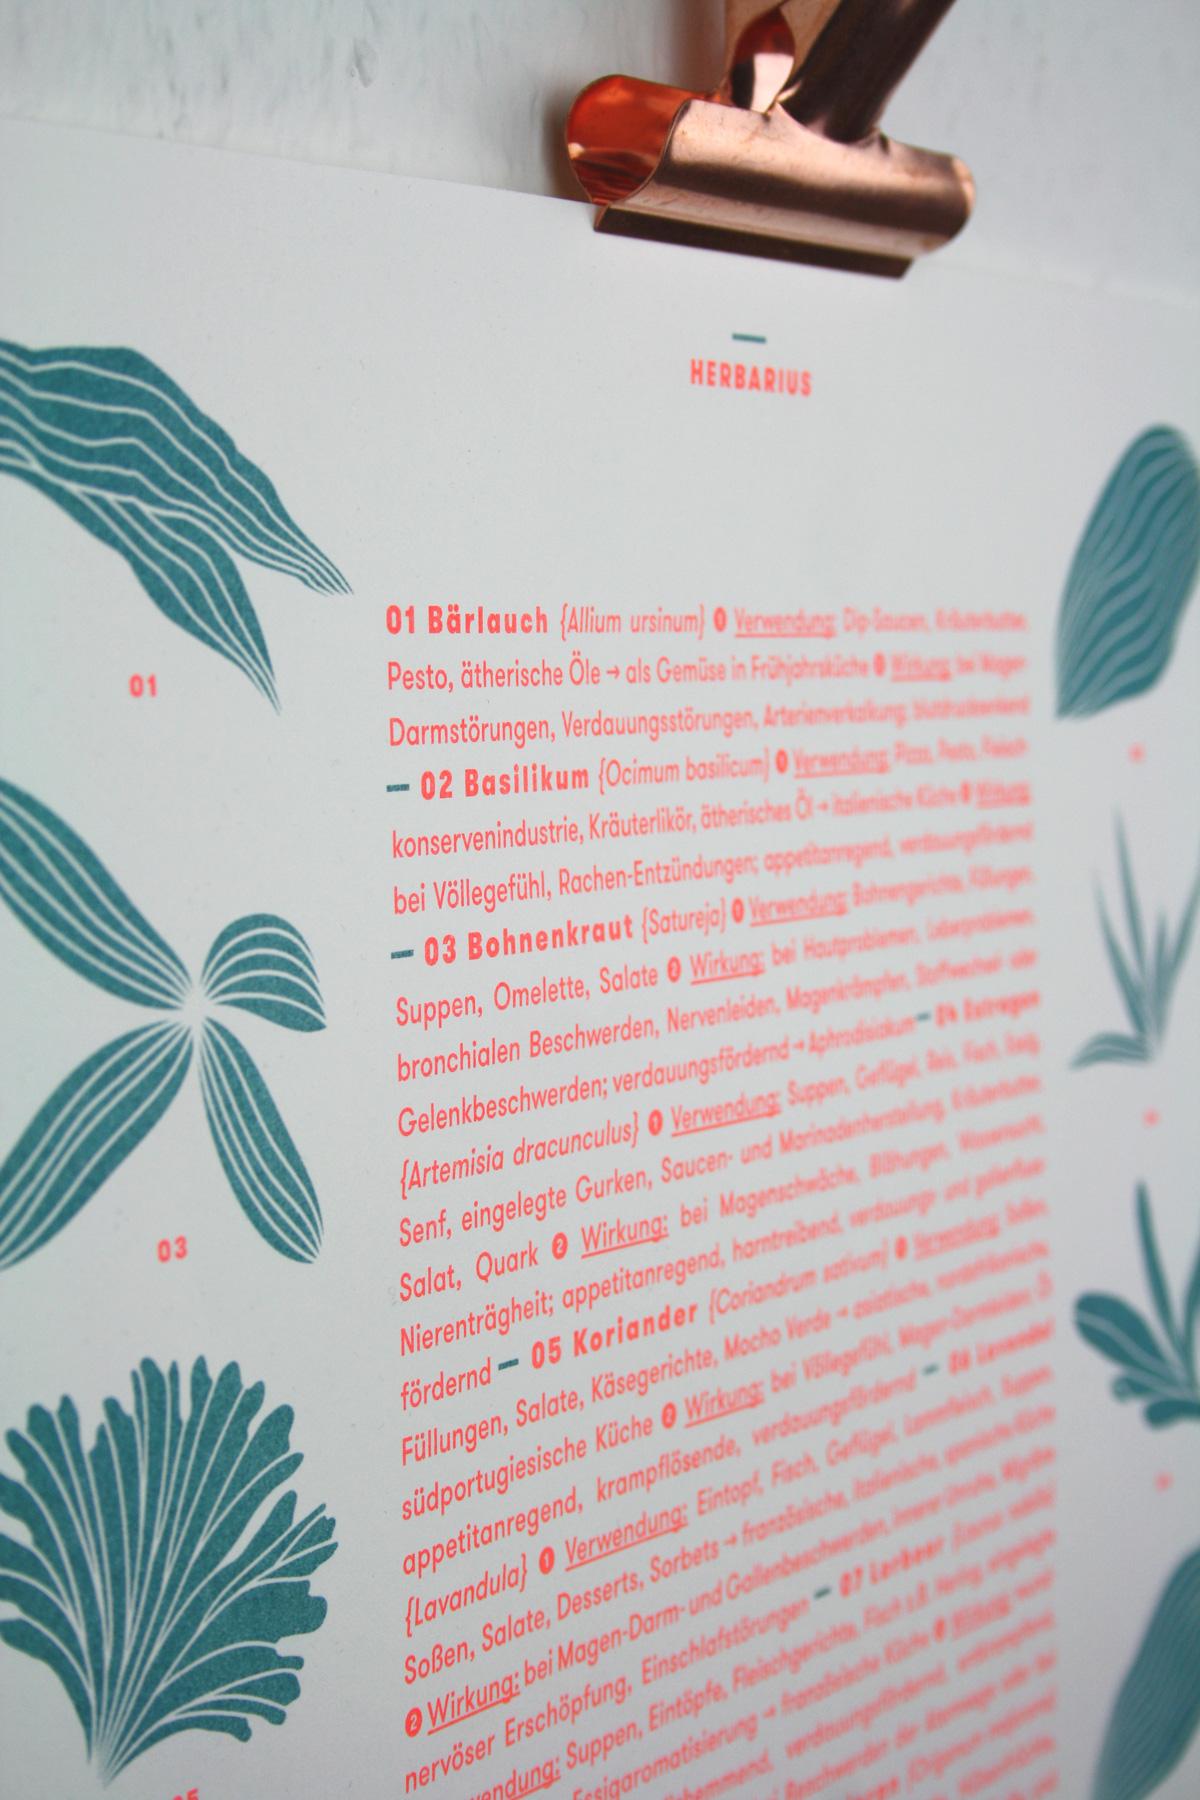 poster_plakat_kraeuter_riso_druck_herbs_design_kathleen_gust2